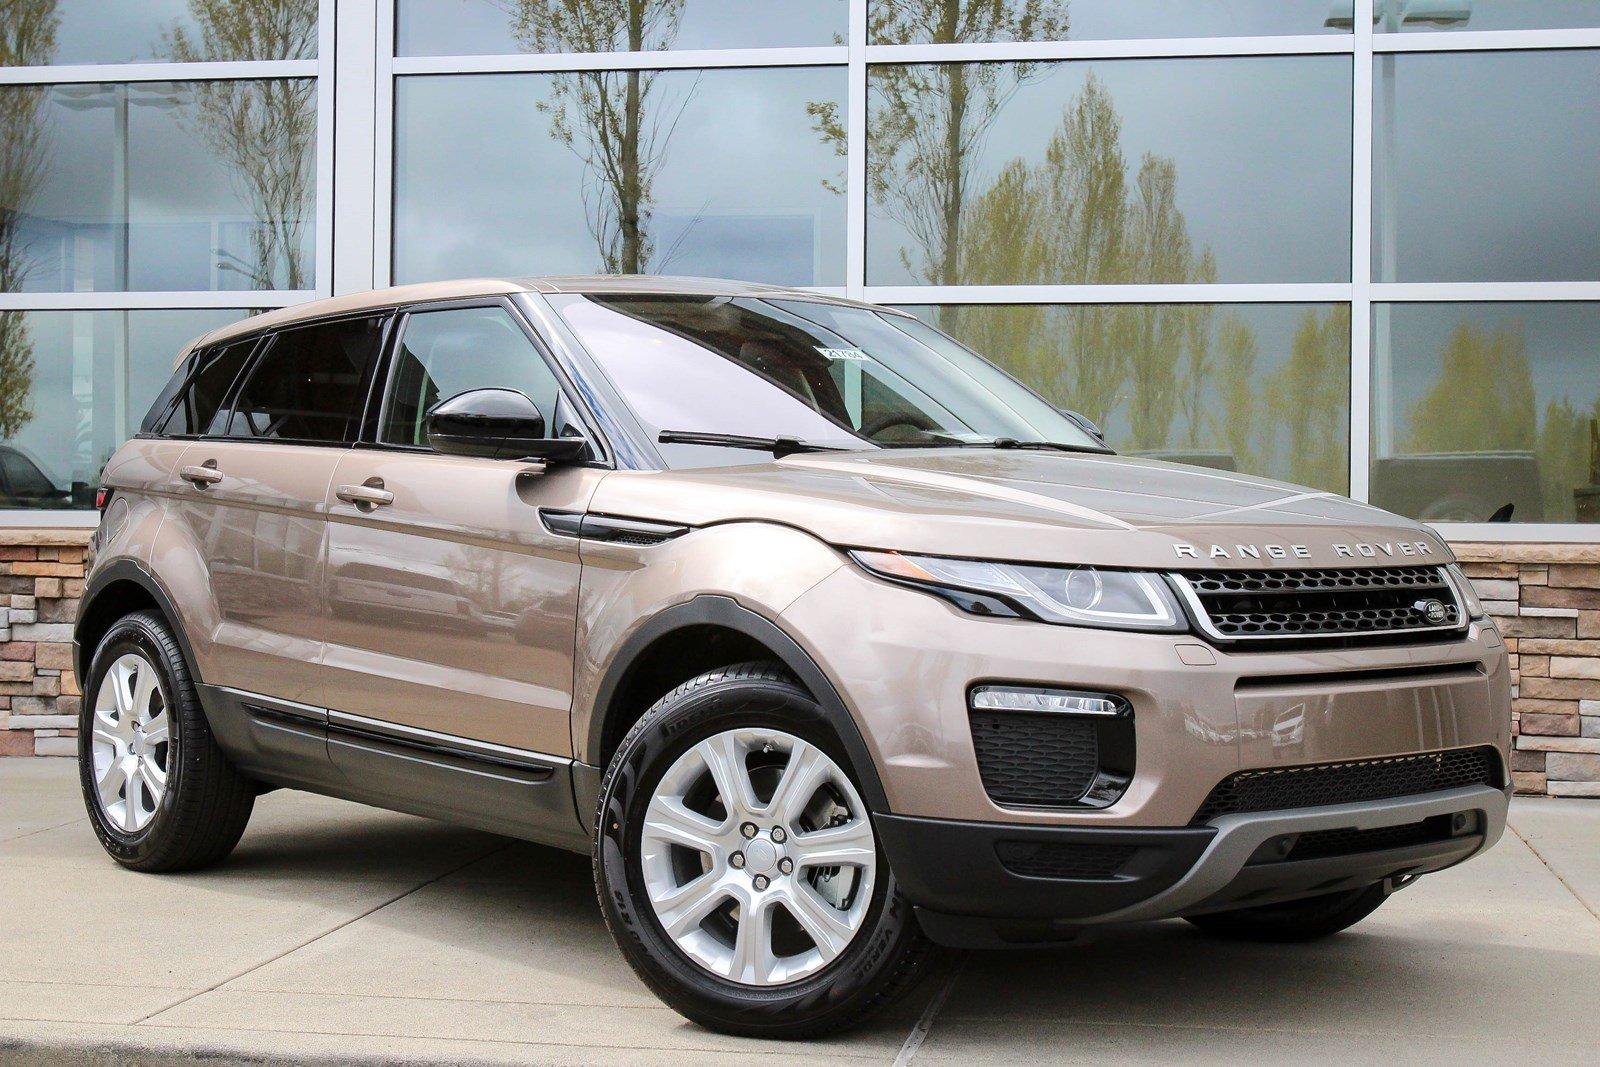 giá xe range rover evoque đời mới 2017 và 2018 nhập khẩu nguyên chiếc